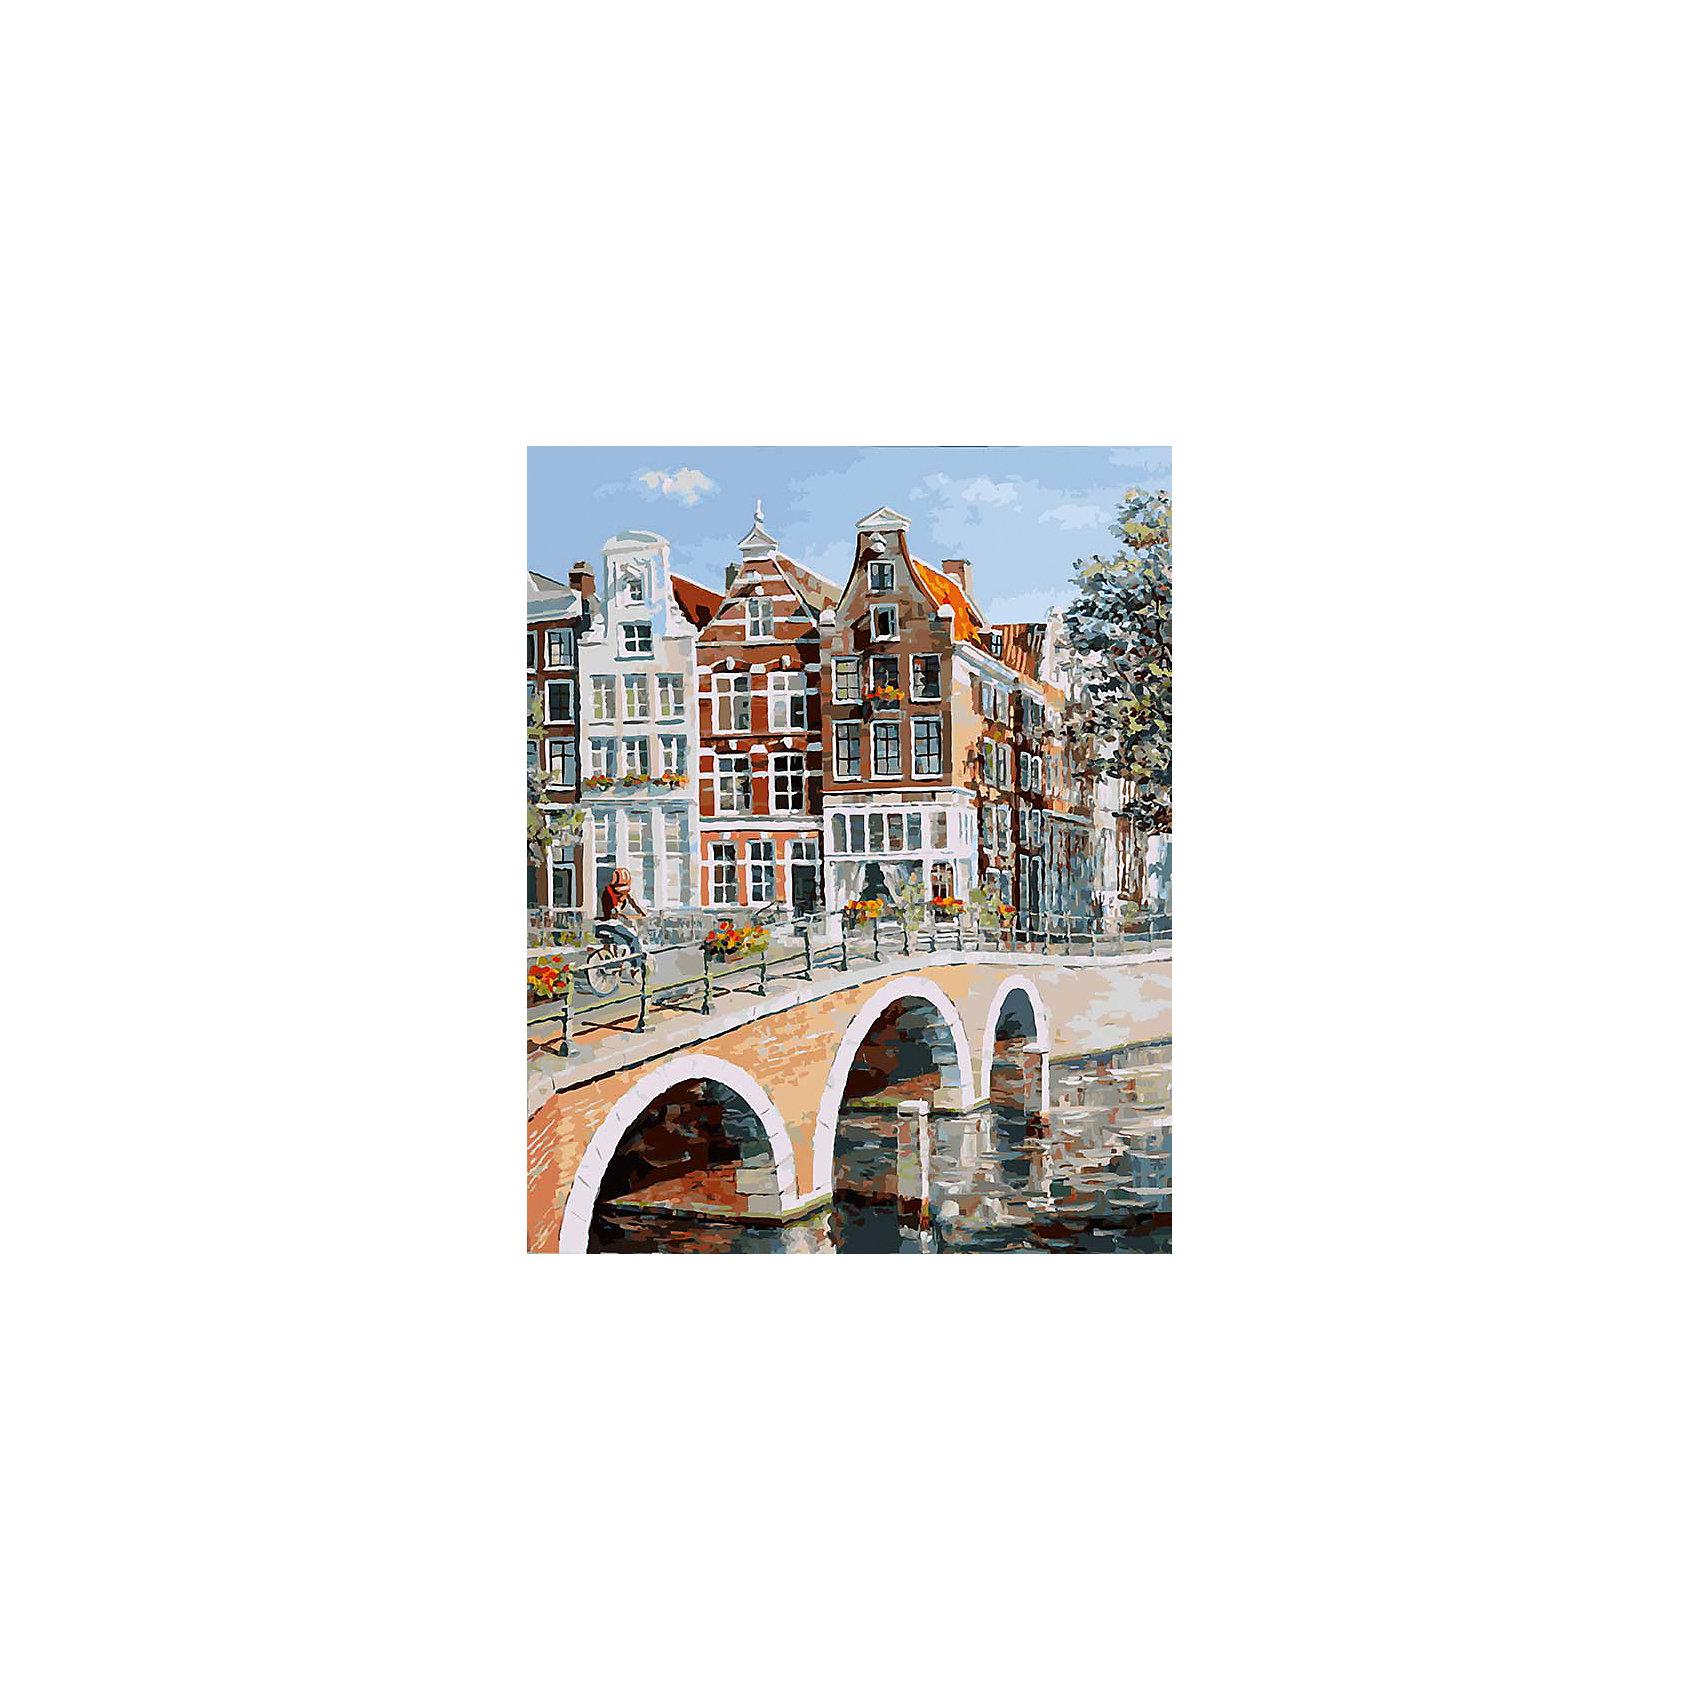 Живопись на холсте Императорский канал в Амстердаме, 40*50 смРисование<br>Живопись на холсте Императорский канал в Амстердаме, 40*50 см<br><br>Характеристики:<br><br>• Вес: 850<br>• Размер: 40х50<br>• Краски: акриловые, быстросохнущие<br>• Количество цветов: 40<br>• В наборе: холст на подрамнике, настенное крепление, контрольный лист с рисунком, 40 красок, 3 кисти<br><br>Данный набор позволит любому человеку ощутить себя профессиональным художником. В комплект входит холст с нанесенным на него рисунком по номерам, акриловые краски на водной основе, специальный контрольный лист, предотвращающий ошибки и 3 удобные кисти разных размеров. <br><br>Рисовать на холсте очень удобно, а благодаря номерам на картине и баночках с краской - это совсем просто. Цвета ложатся ровным слоем, перекрывая нанесенный рисунок. Если вы боитесь, что где-то ошиблись – приложите контрольный лист, который полностью повторяет схему. Акриловые краски совершенно безопасны и не имеют запаха. А благодаря настенному креплению вы сможете повесить готовую работу.<br><br>Живопись на холсте Императорский канал в Амстердаме, 40*50 см можно купить в нашем интернет-магазине.<br><br>Ширина мм: 510<br>Глубина мм: 410<br>Высота мм: 250<br>Вес г: 850<br>Возраст от месяцев: 72<br>Возраст до месяцев: 2147483647<br>Пол: Унисекс<br>Возраст: Детский<br>SKU: 5500401